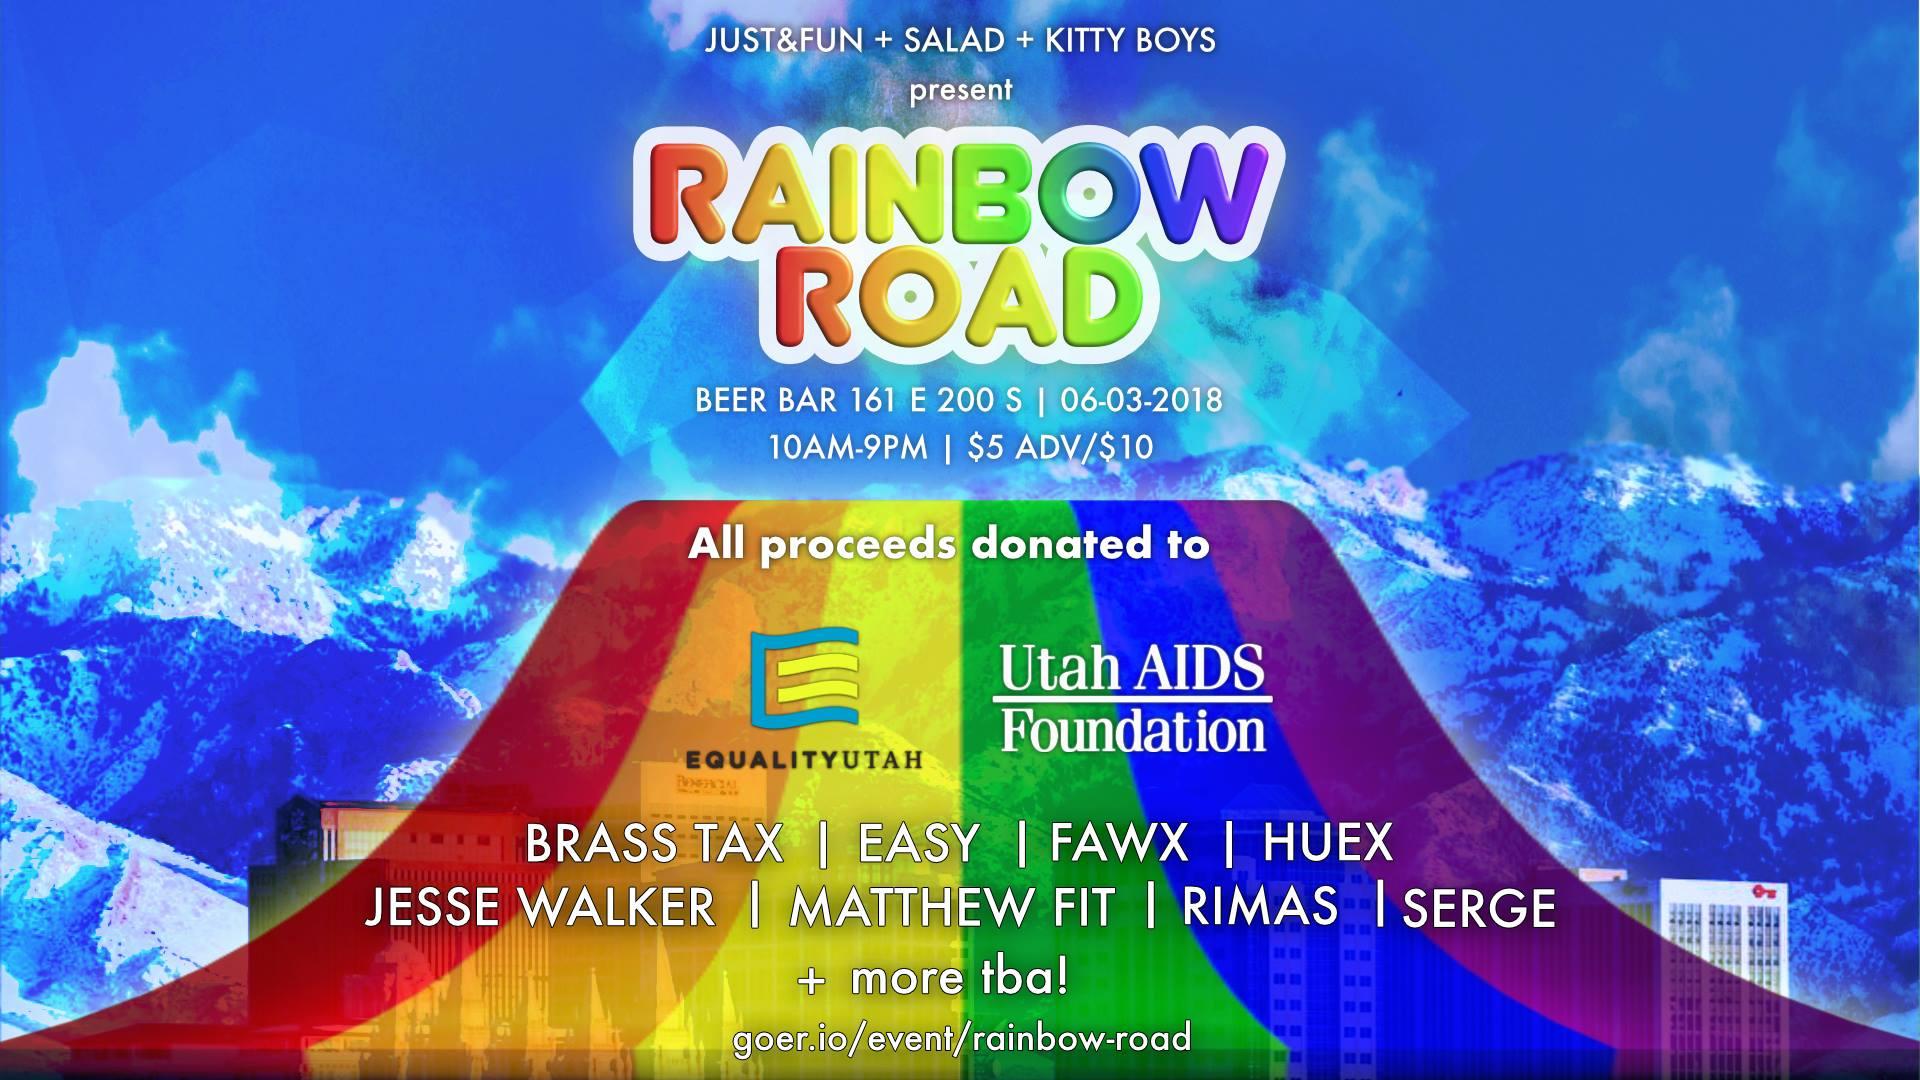 rainbow road pride slc beer bar 2018.jpg